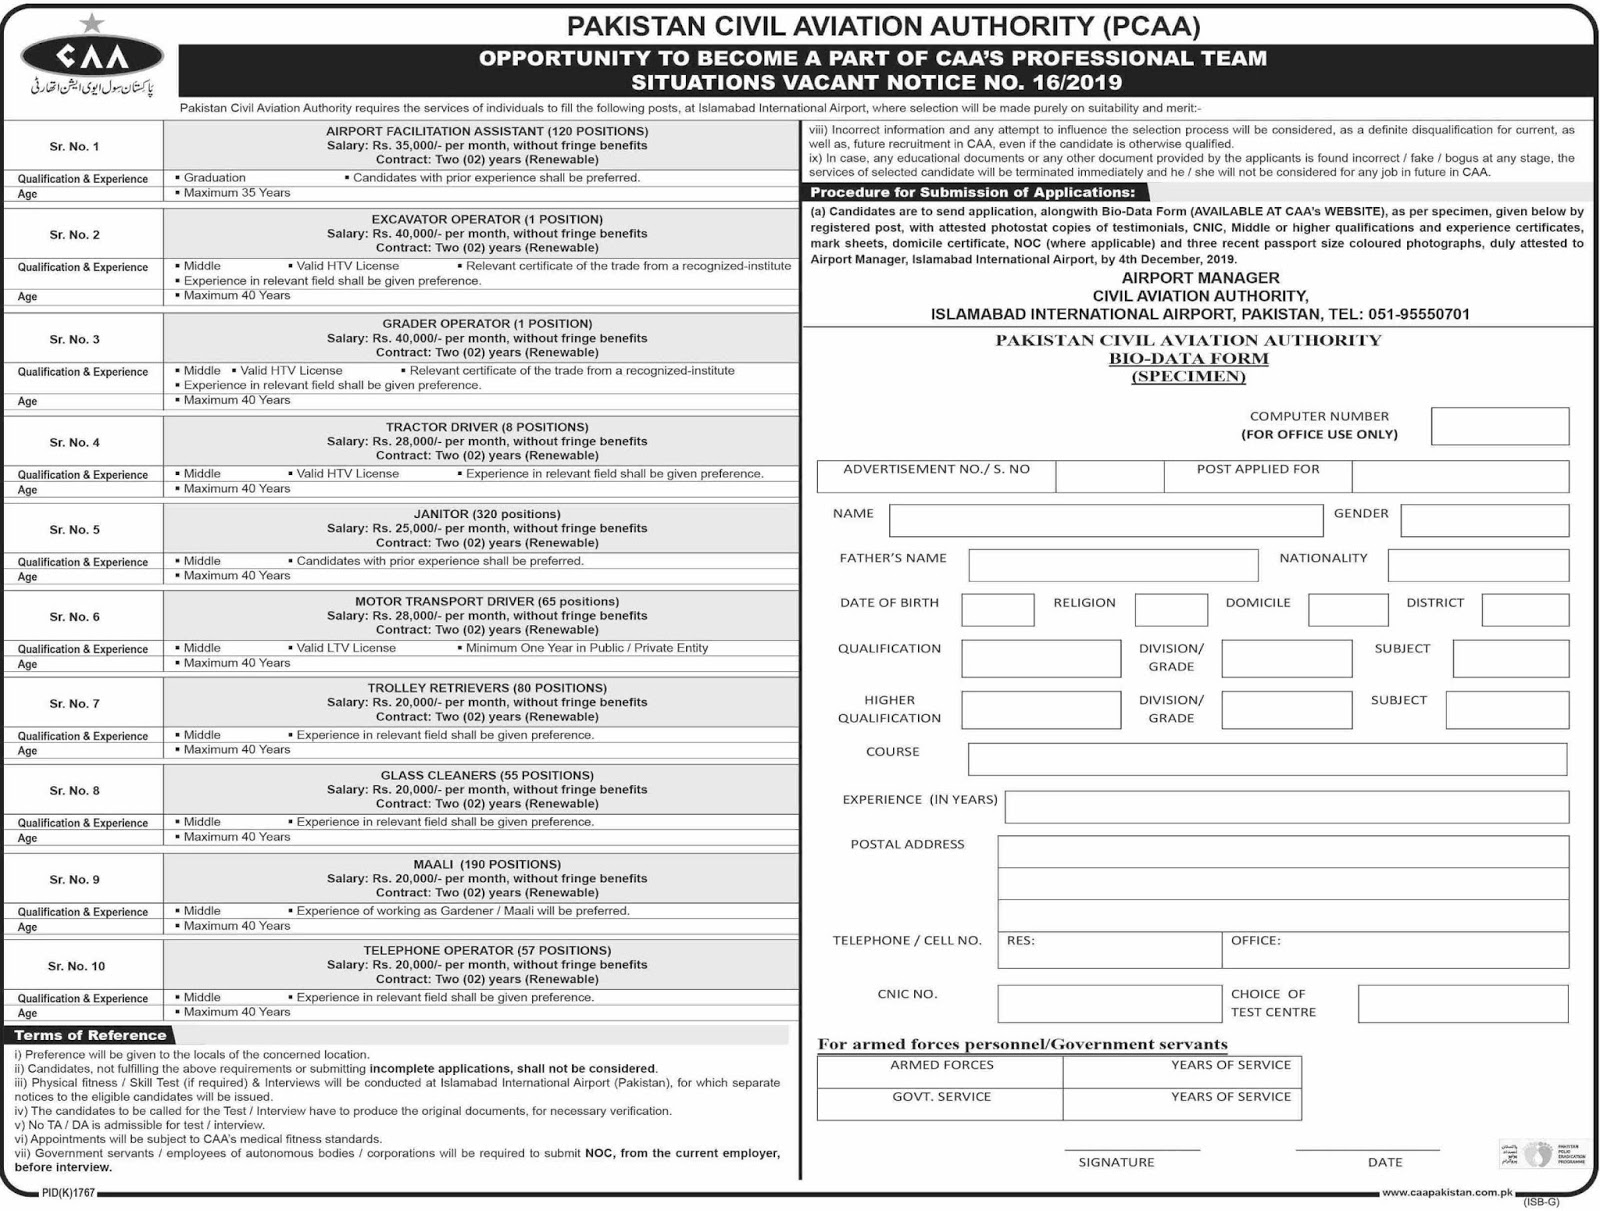 Jobs in Pakistan Civill Aviation Authority PCAA Nov 2019